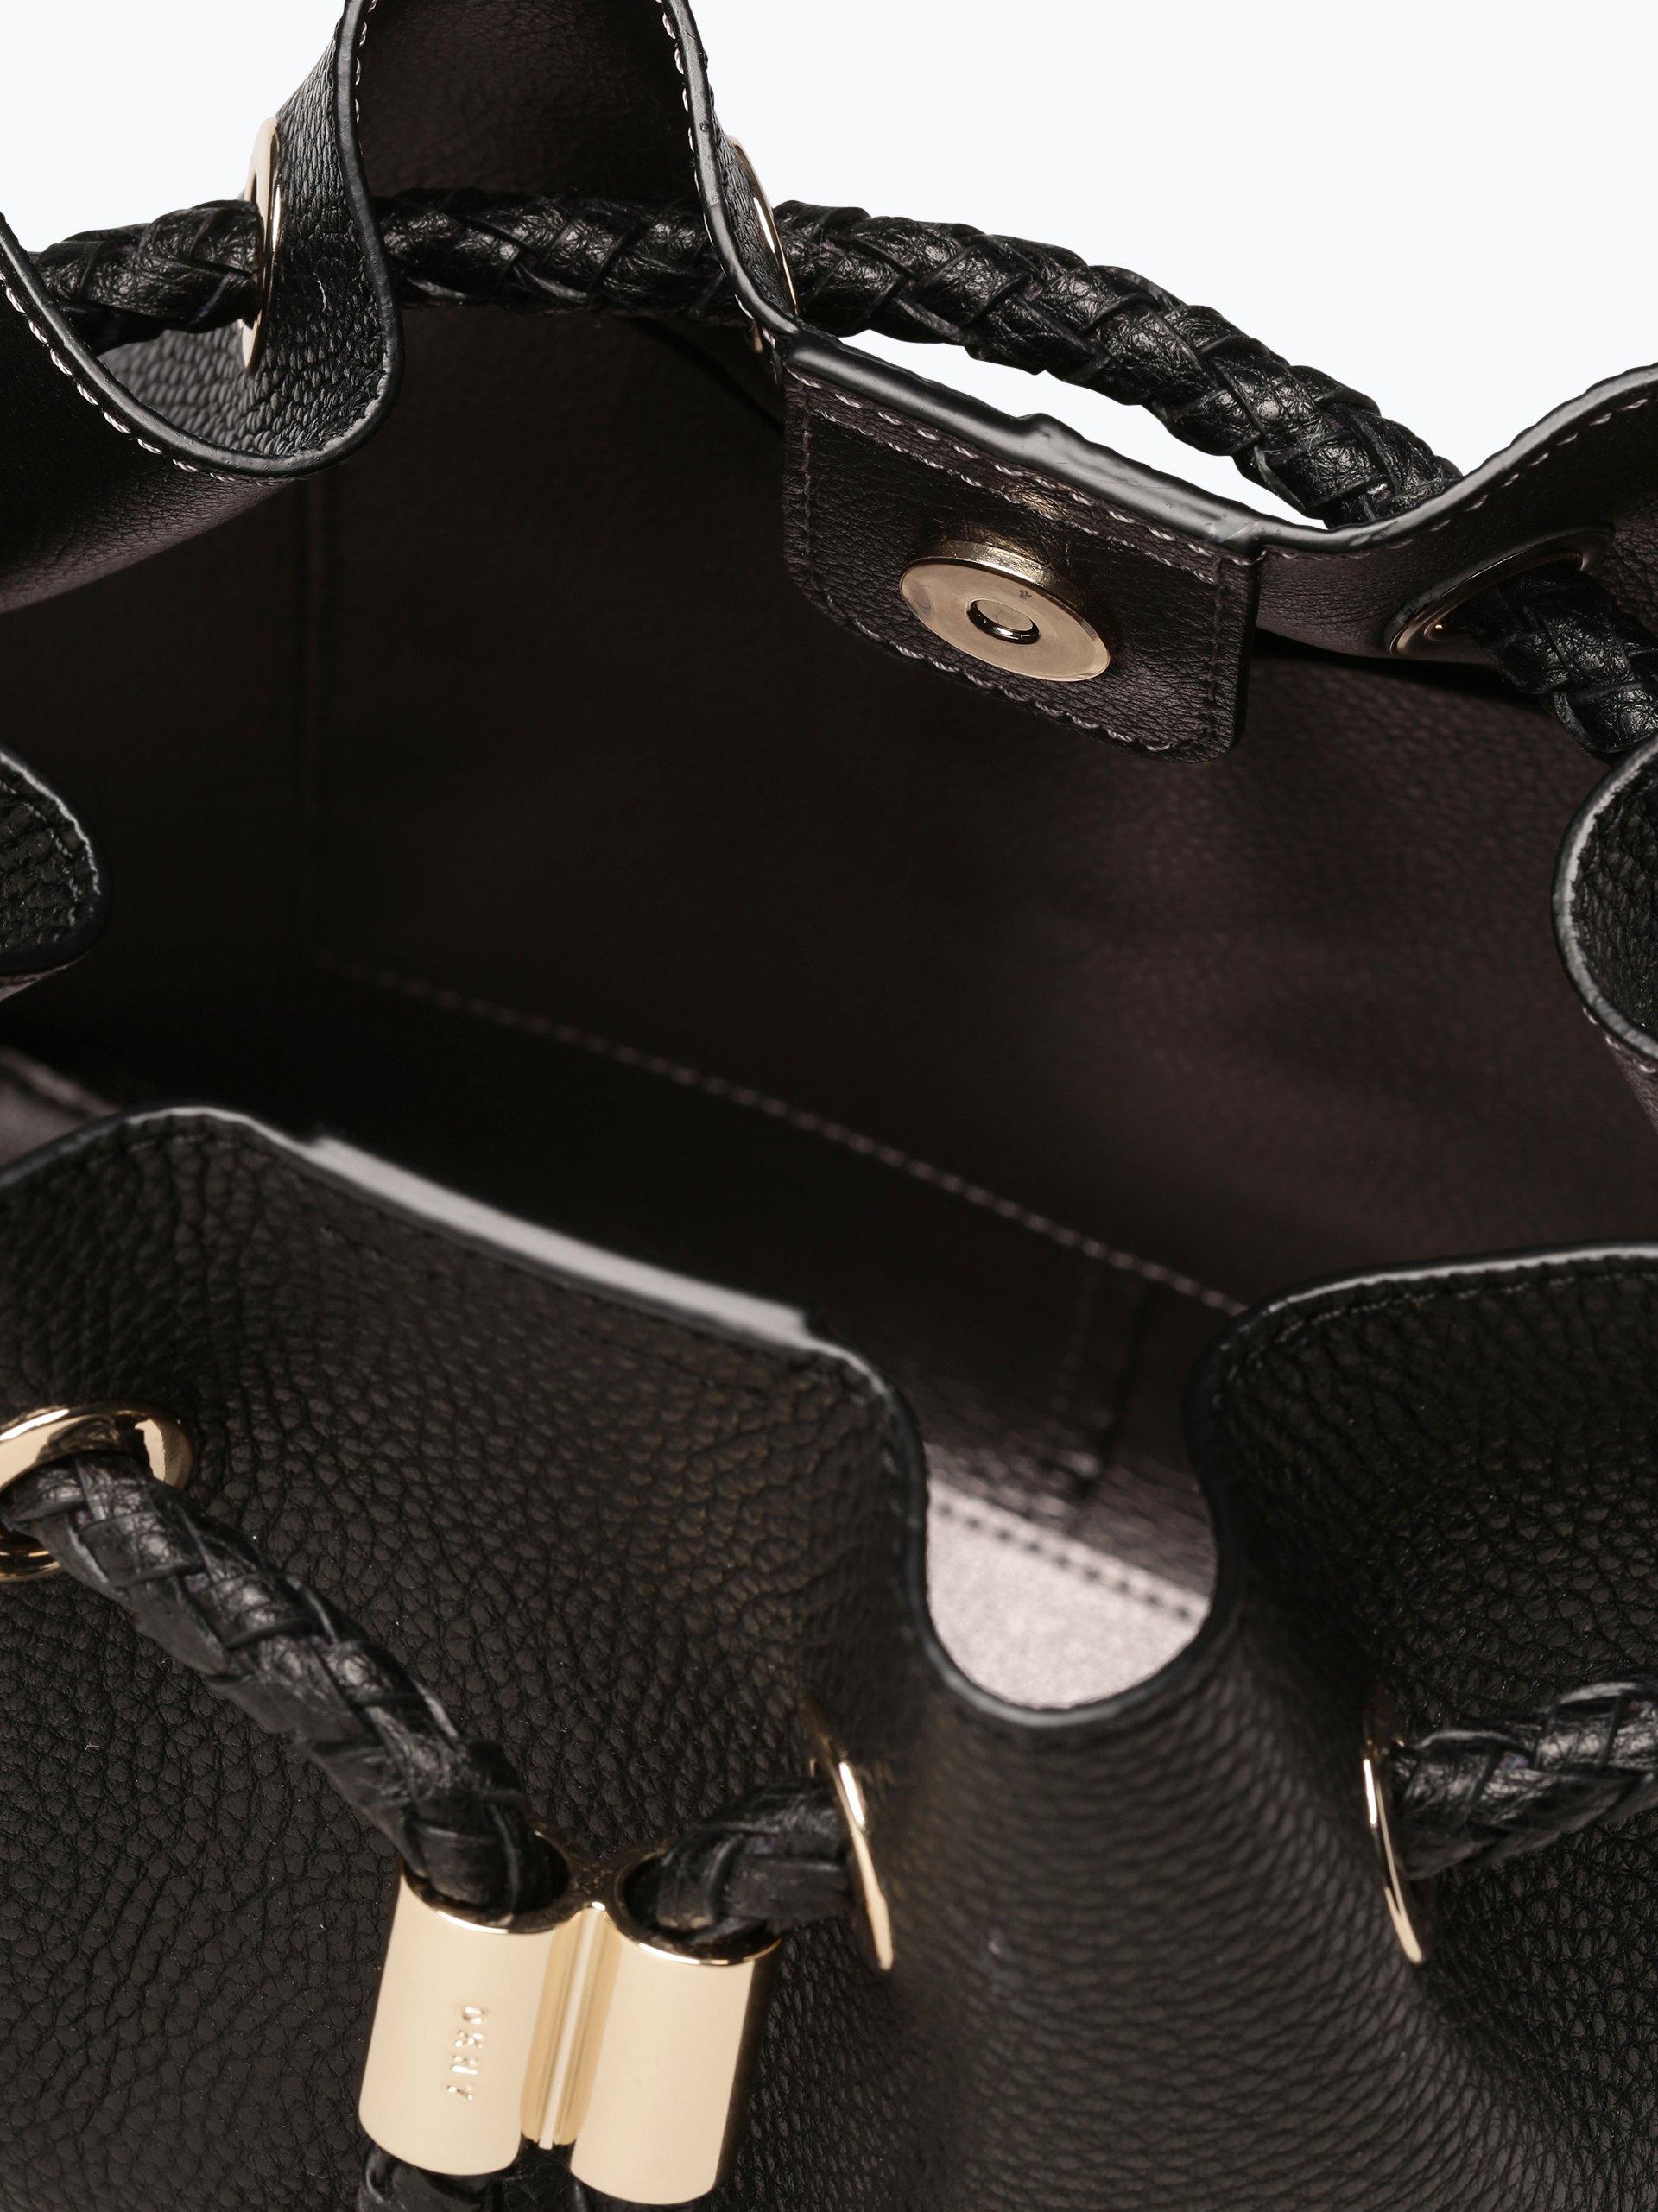 dkny damen umh ngetasche aus leder schwarz uni online kaufen peek und cloppenburg de. Black Bedroom Furniture Sets. Home Design Ideas